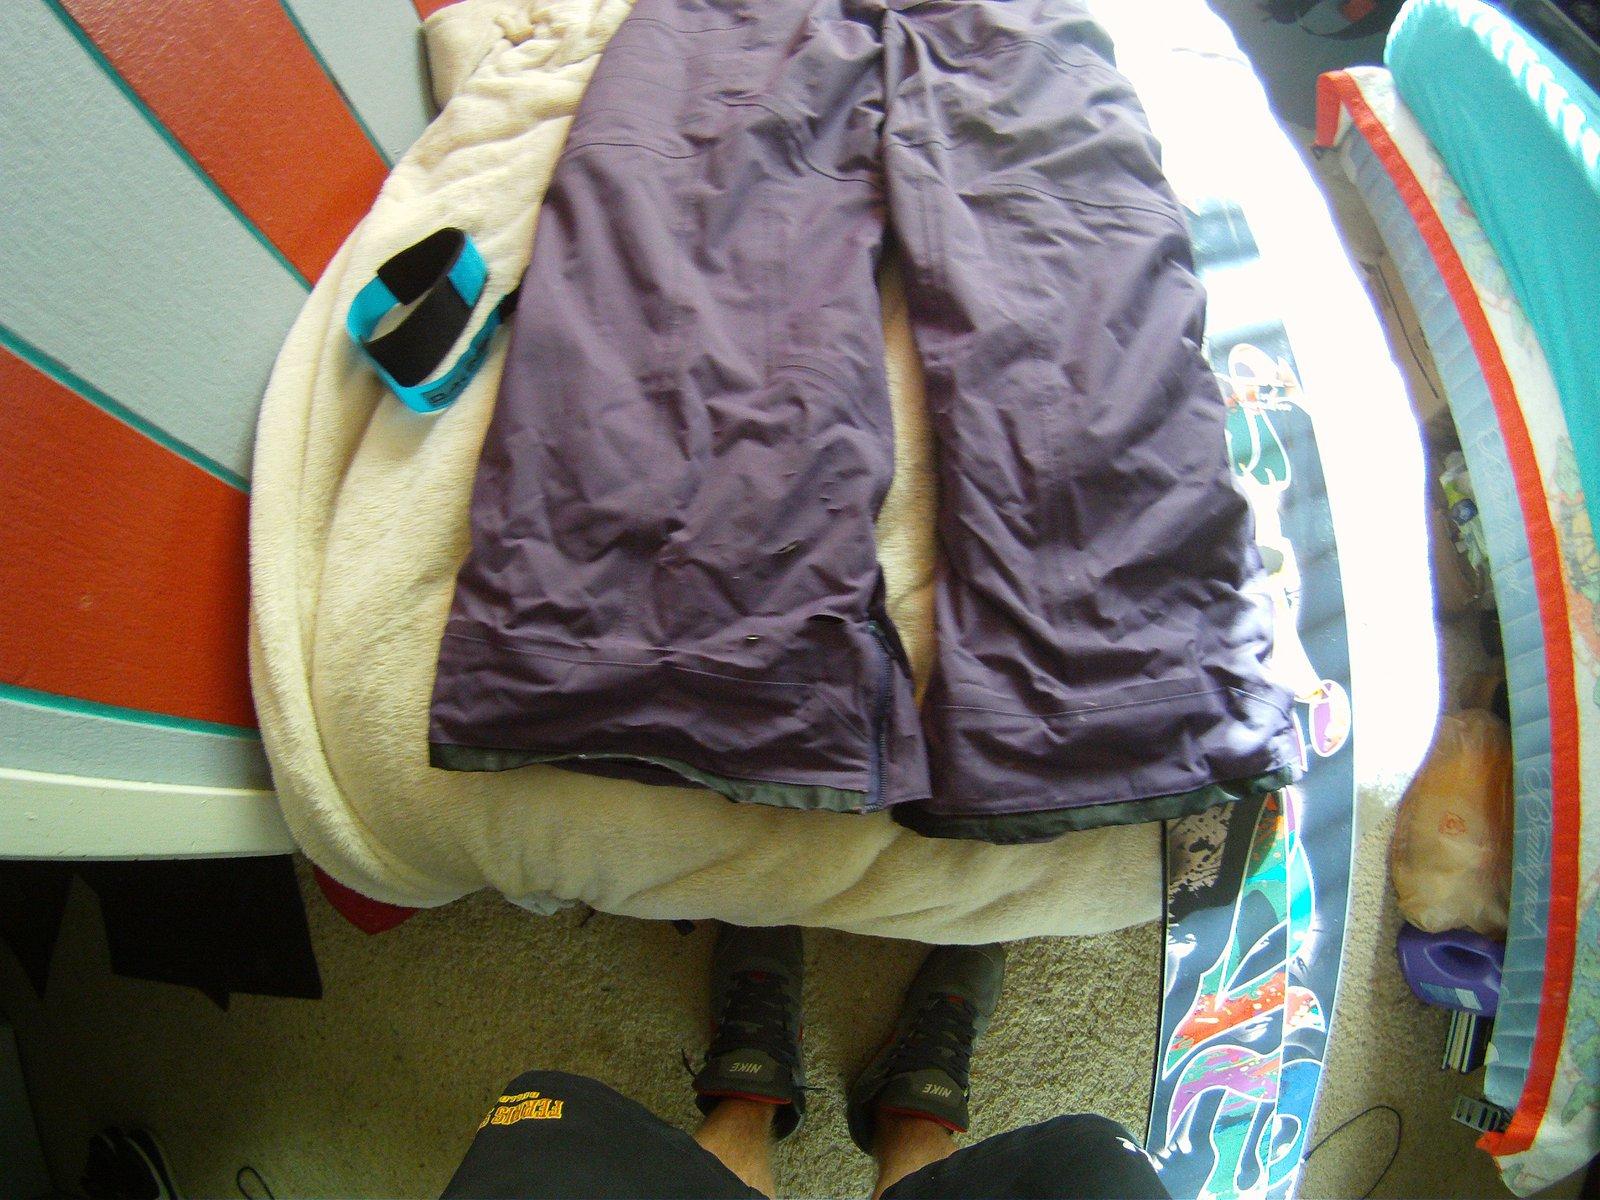 cuffs of purple pants